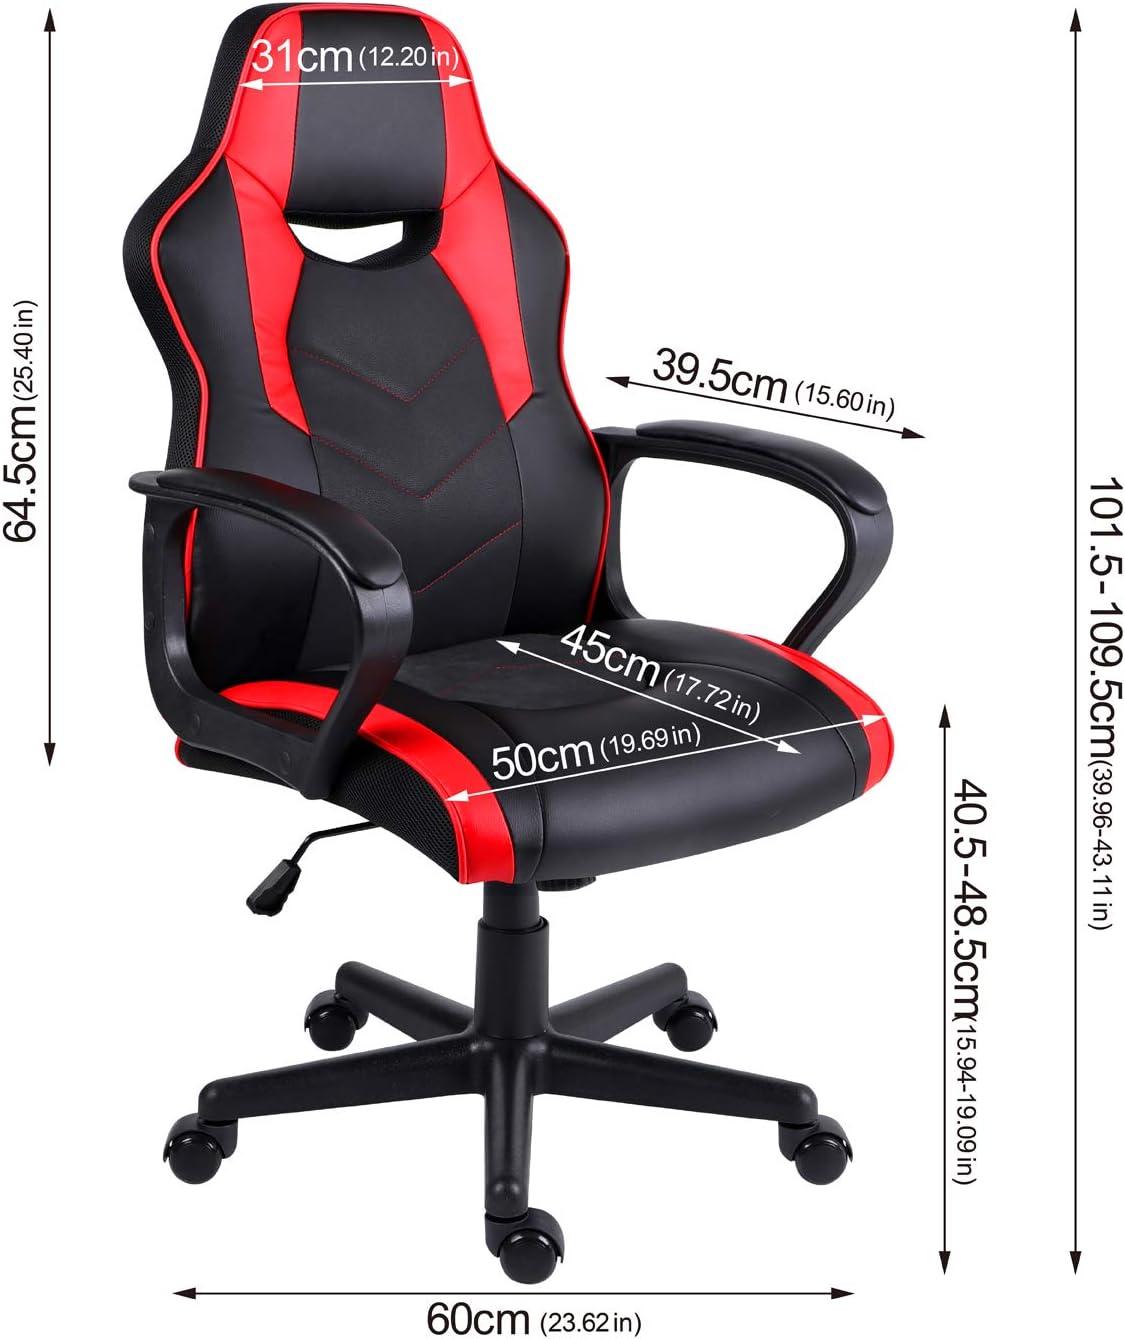 Hadwin Chaise de bureau pivotante en cuir PC avec accoudoirs rembourrés et design ergonomique pour adultes et enfants Bleu Rouge